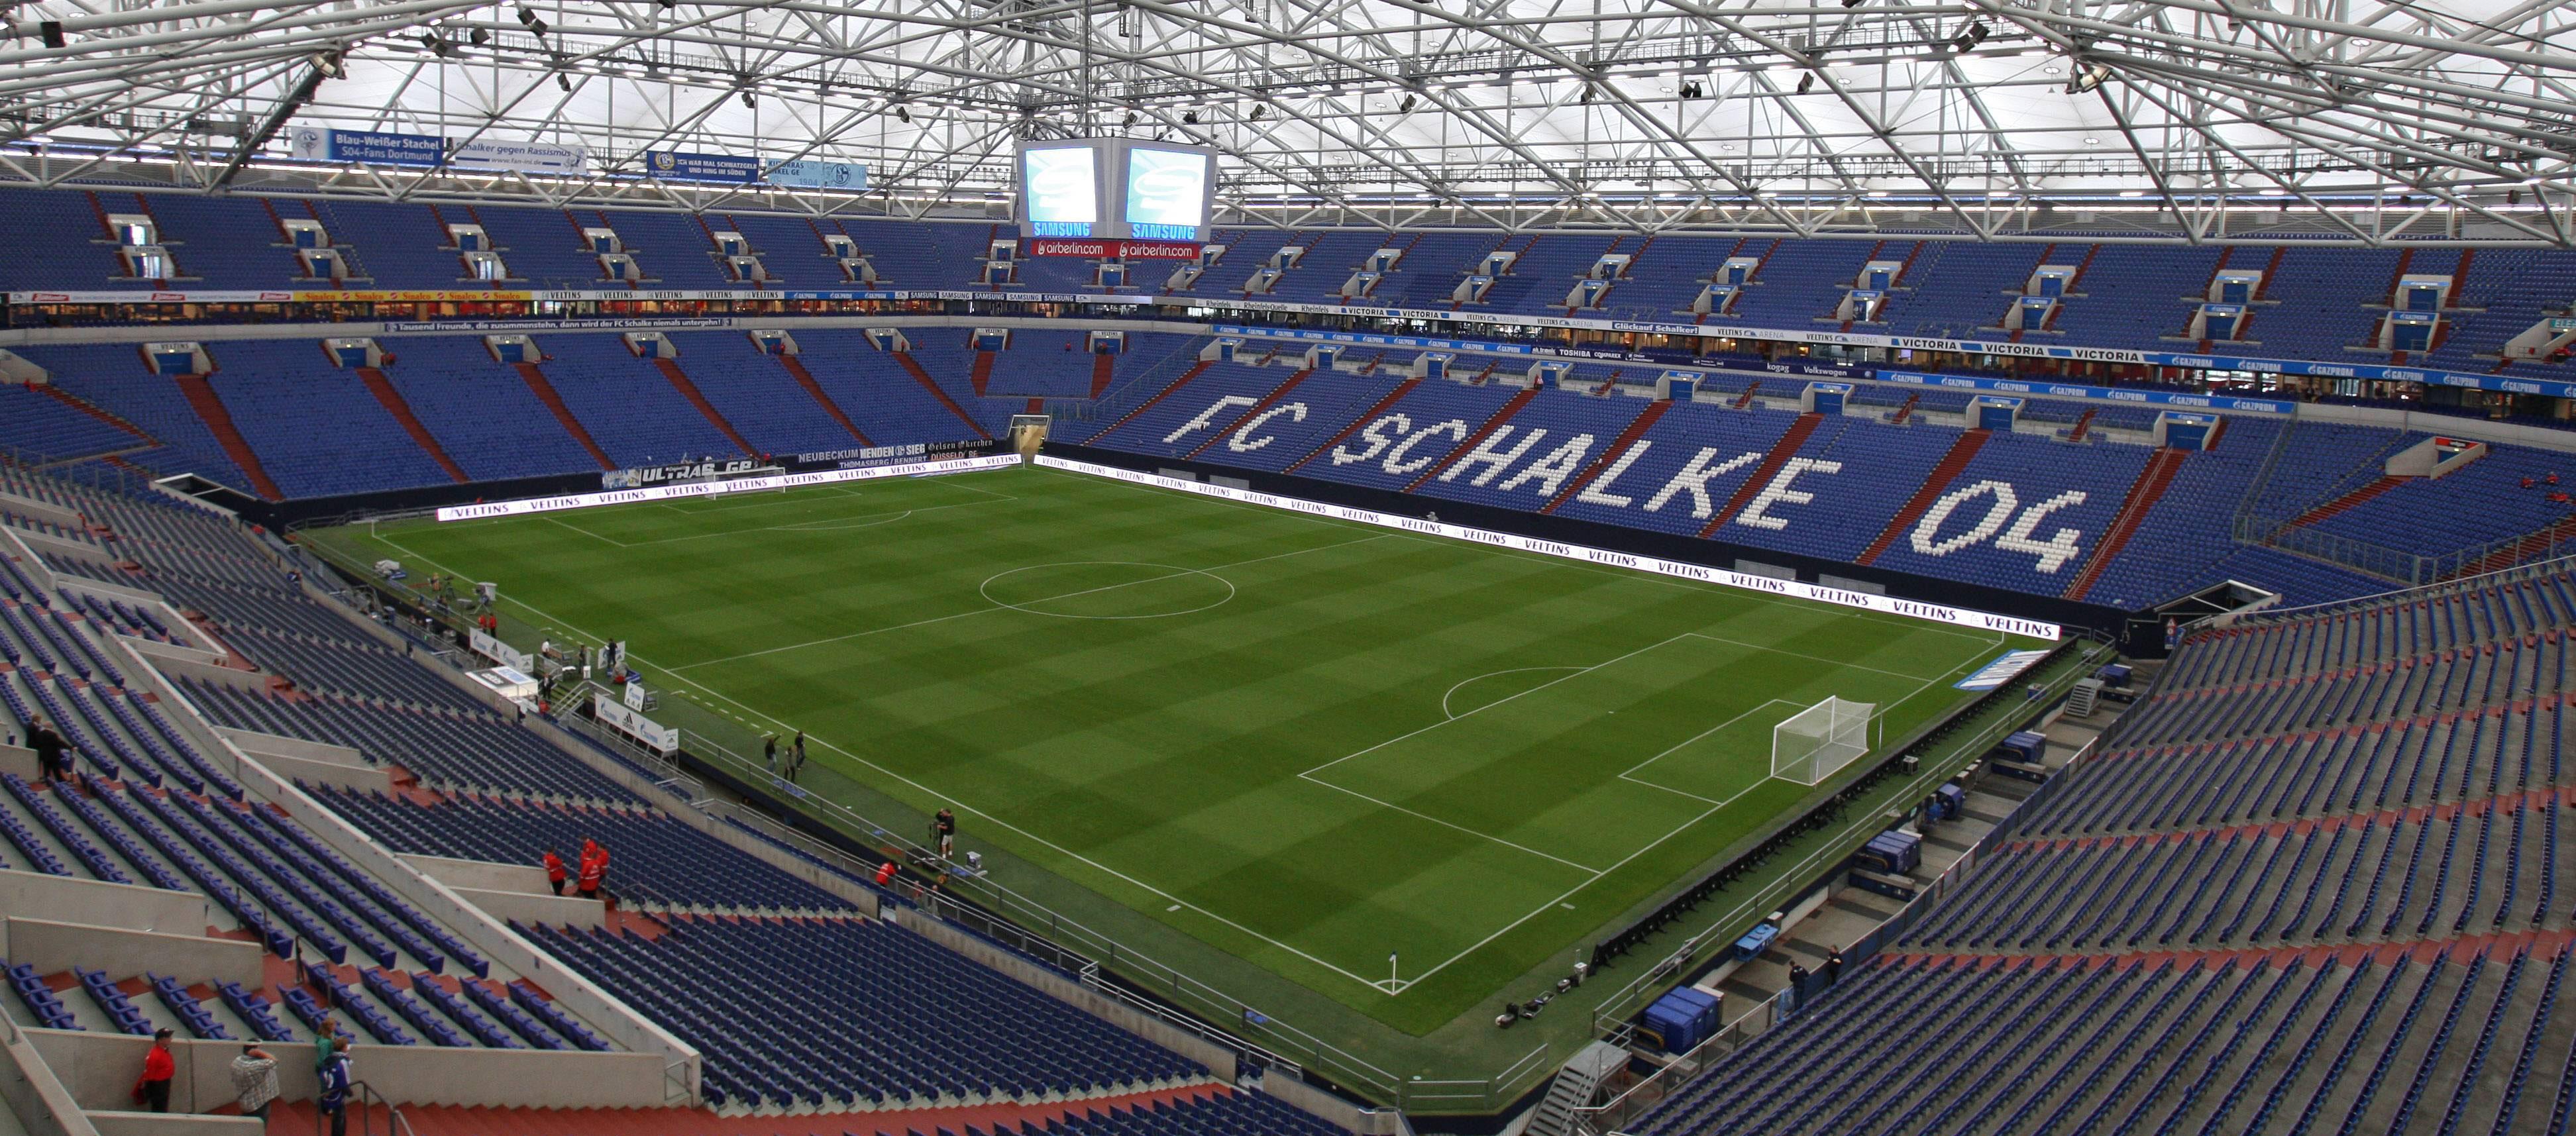 image schalke 04 stadium veltins arena. Black Bedroom Furniture Sets. Home Design Ideas